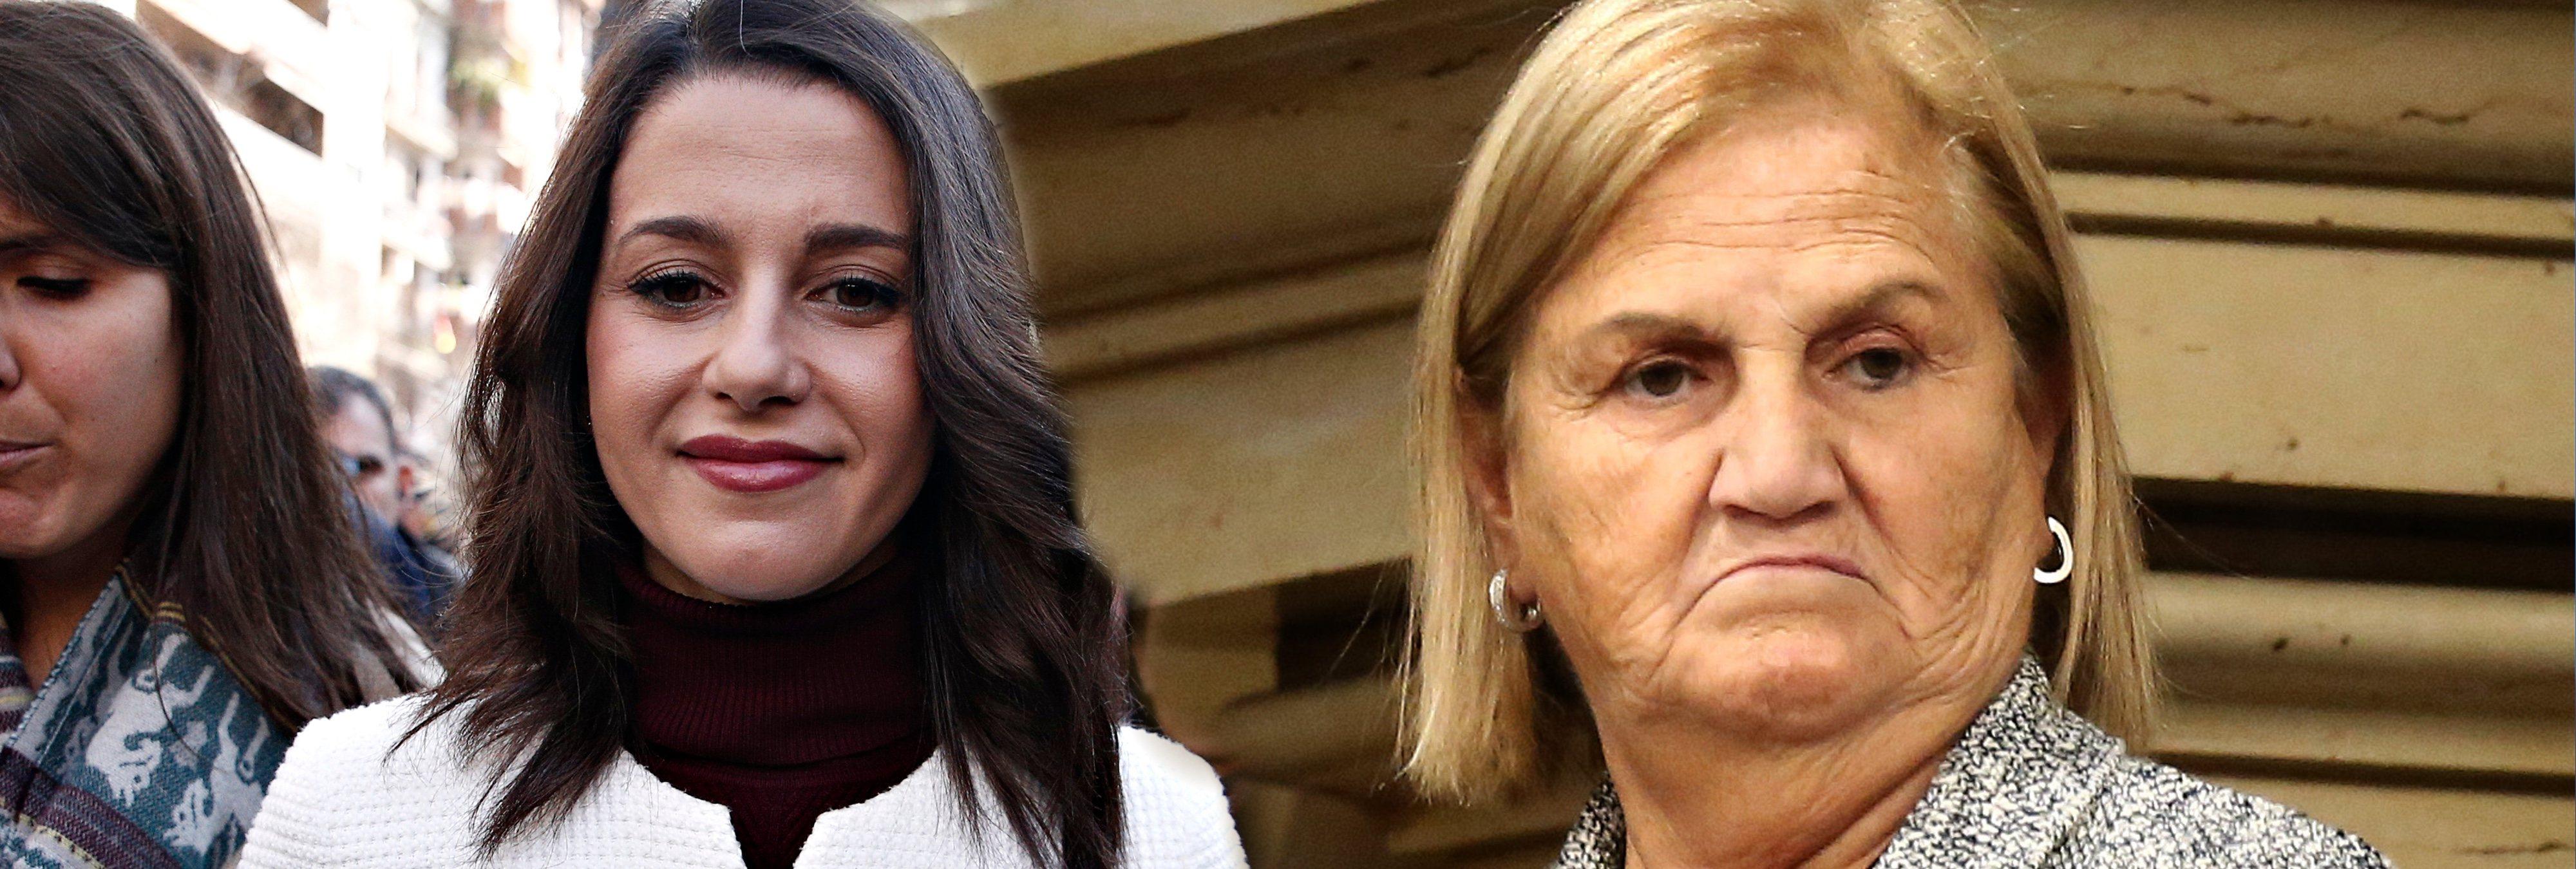 La expresidenta del Parlament compara la llegada de Arrimadas al Congreso con exportar cerdos